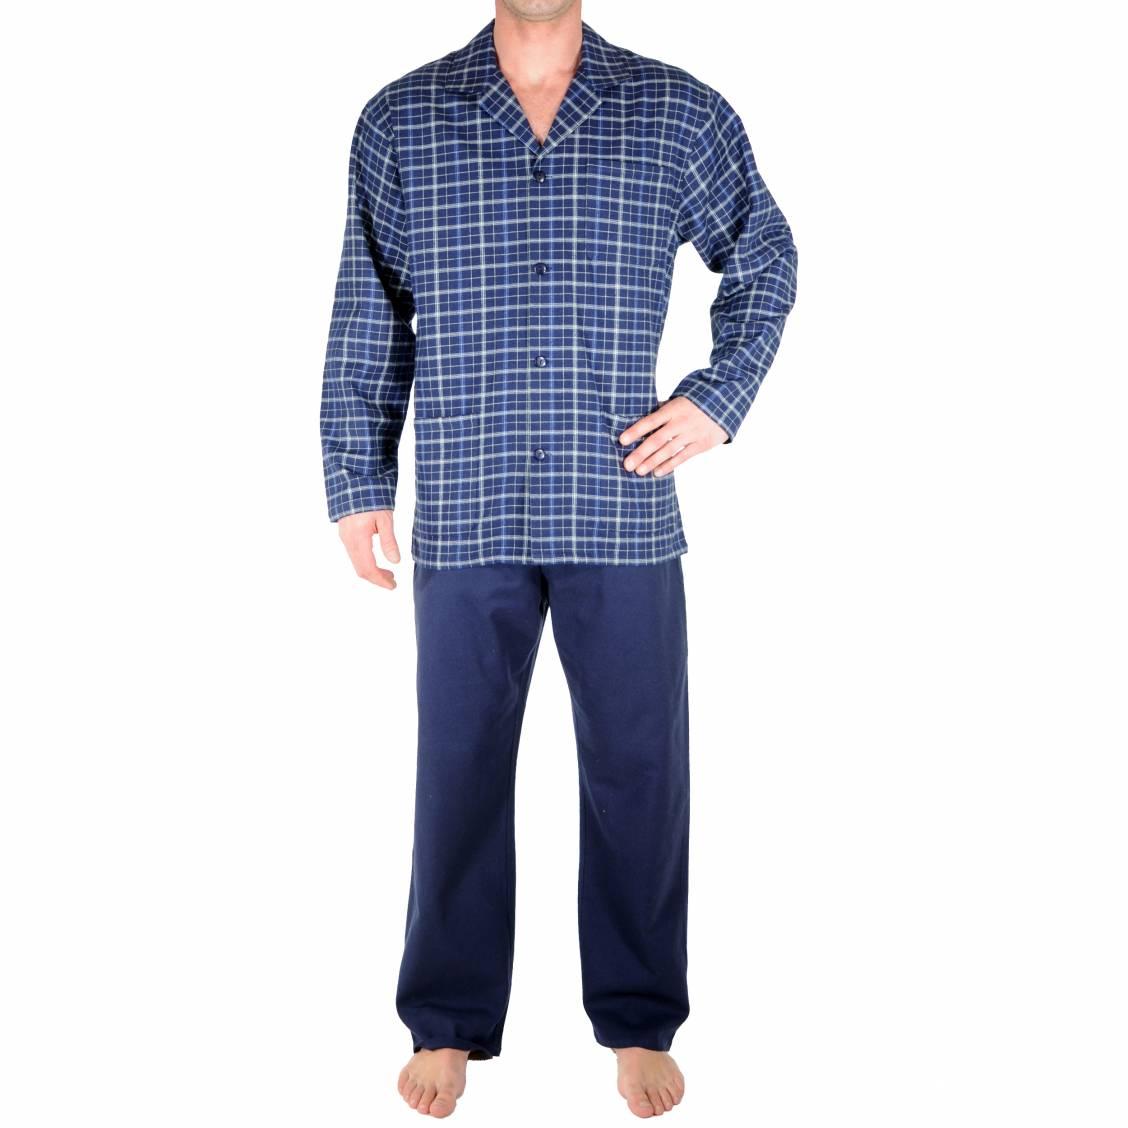 Pyjama chaud vente en ligne de pyjamas d 39 hiver homme for Pyjama homme carreaux